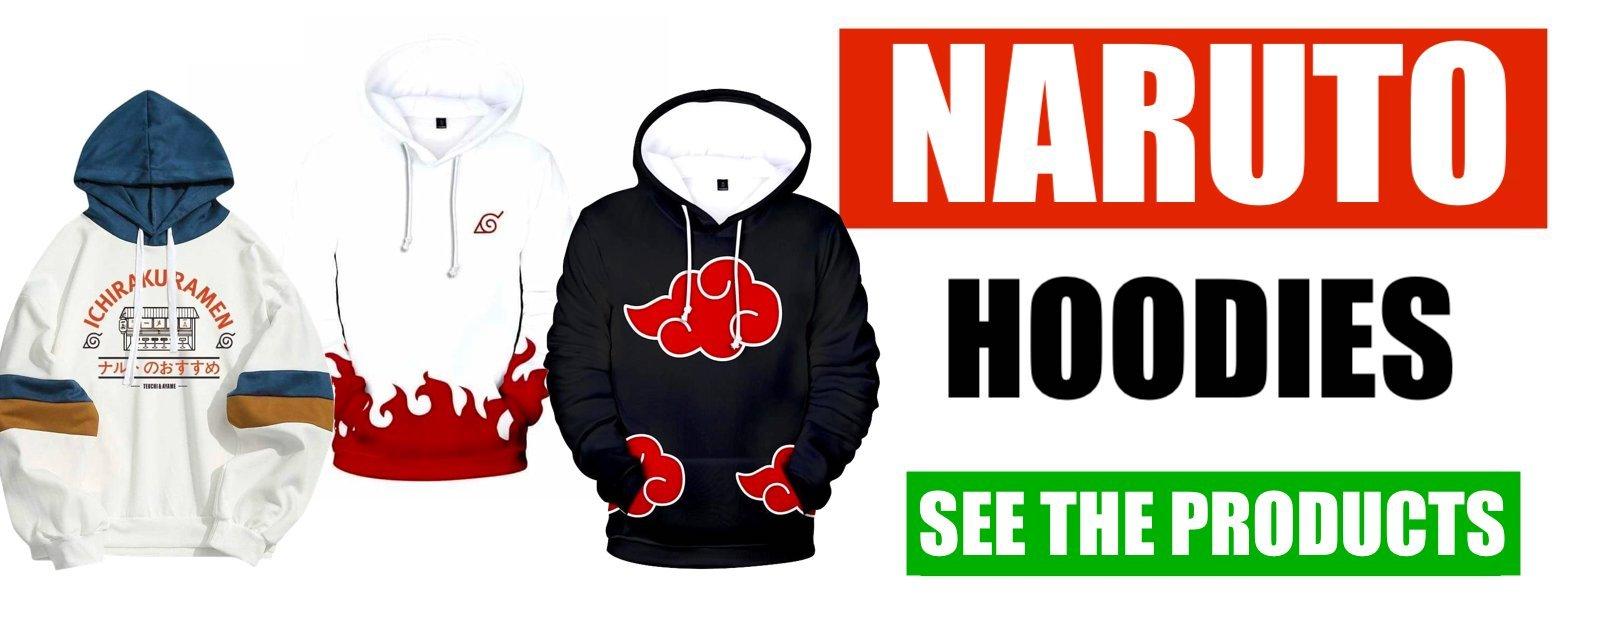 Naruto Hoodie